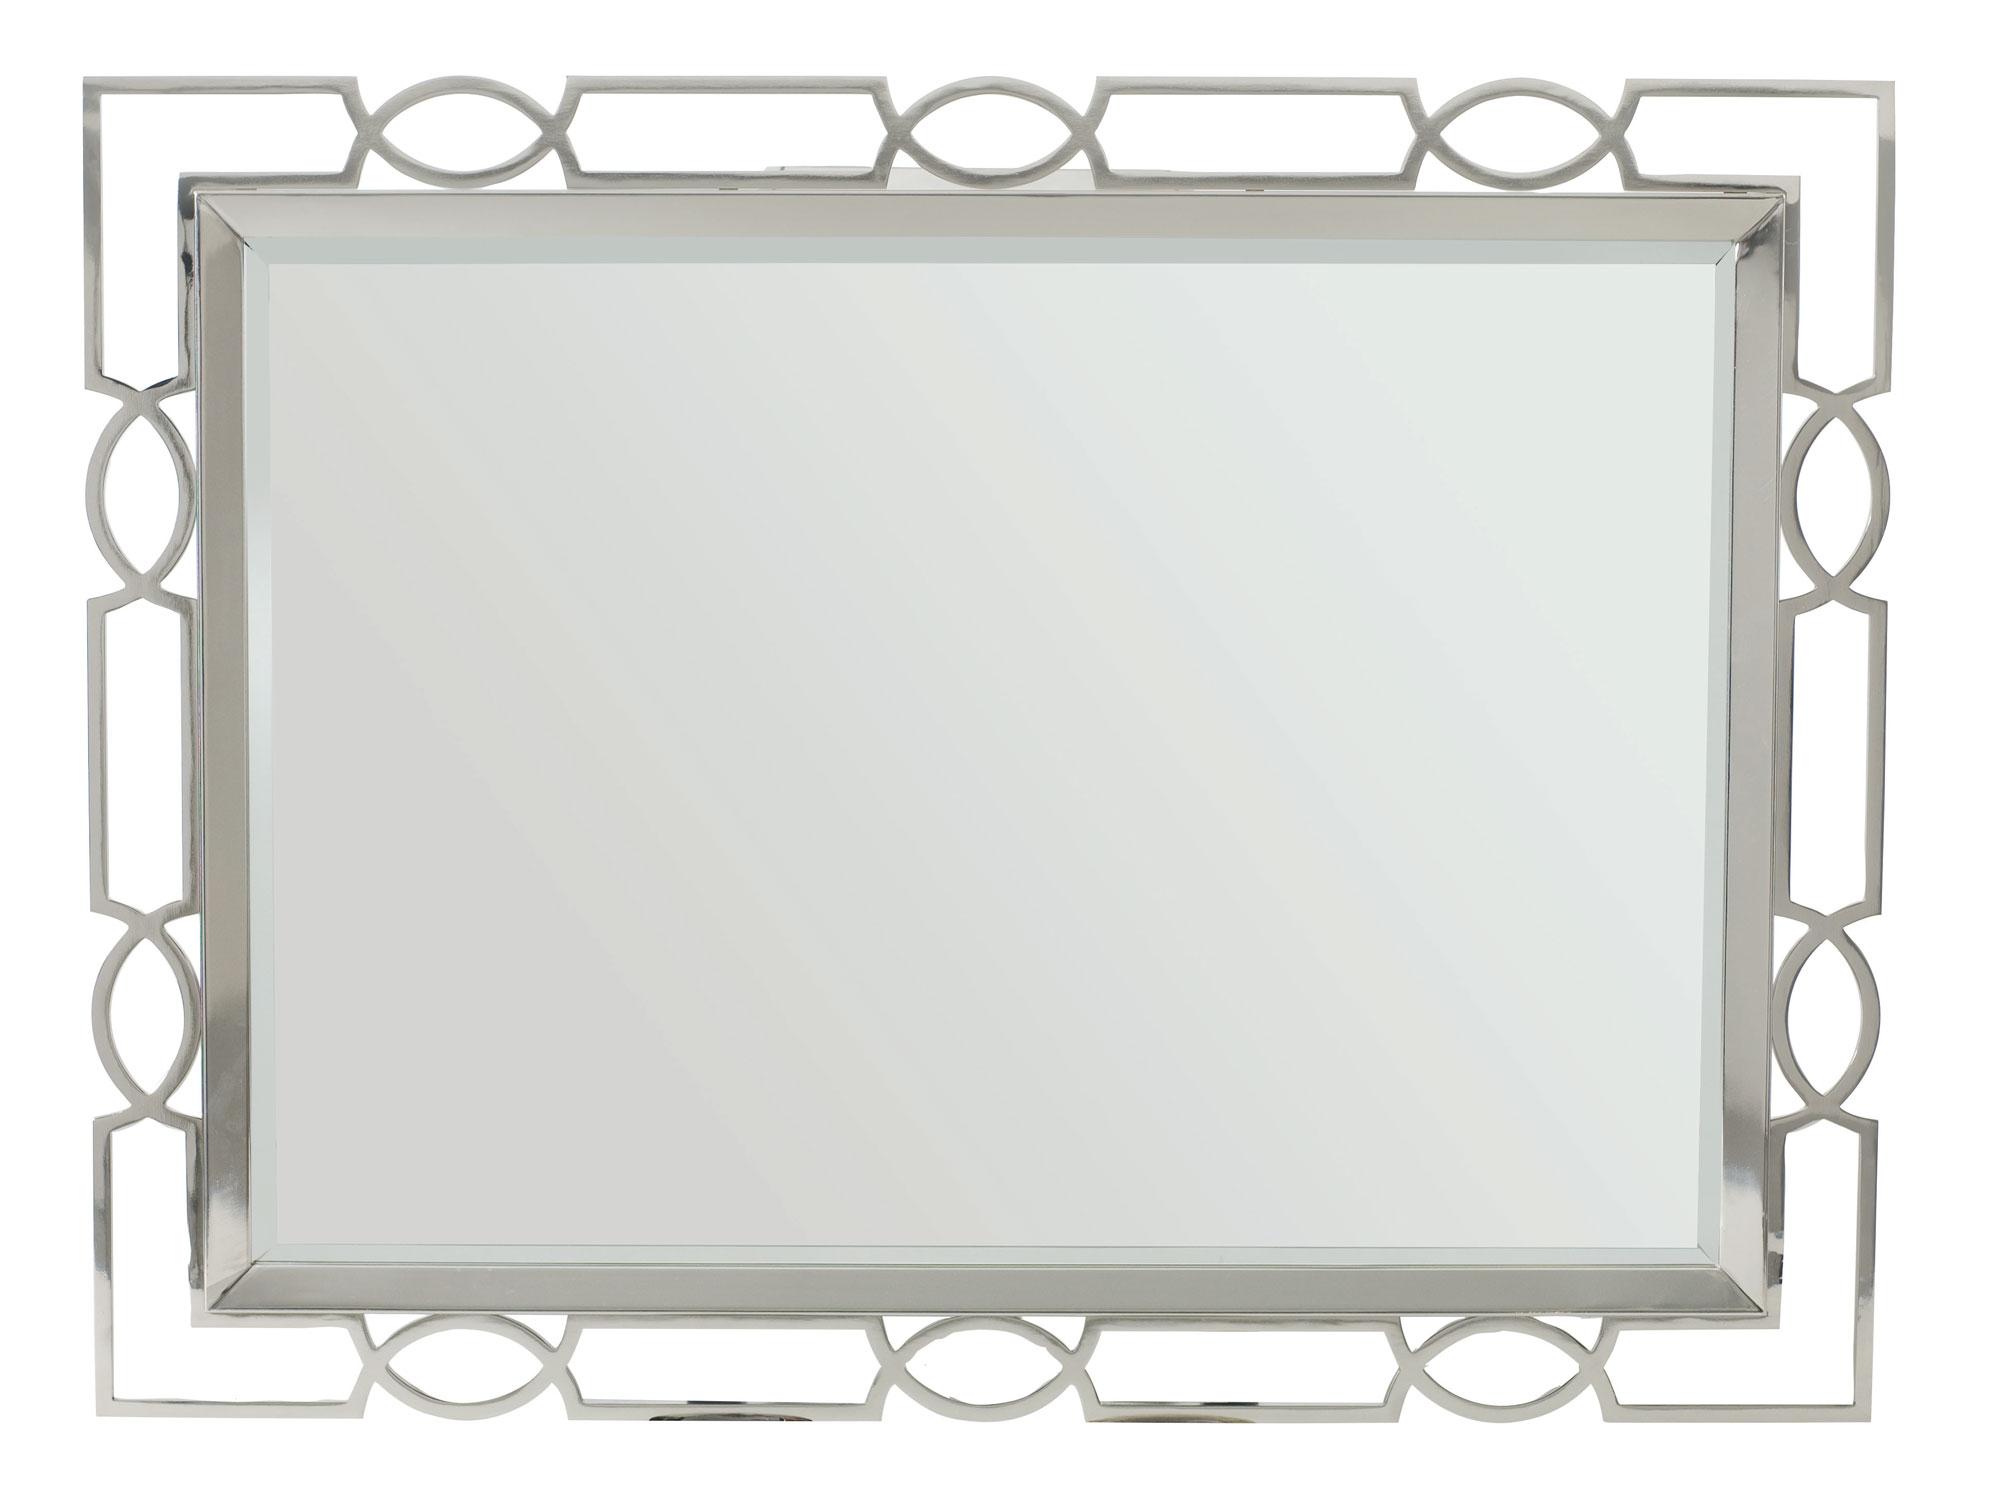 Bernhardt Criteria Metal Mirror - Item Number: 363-321